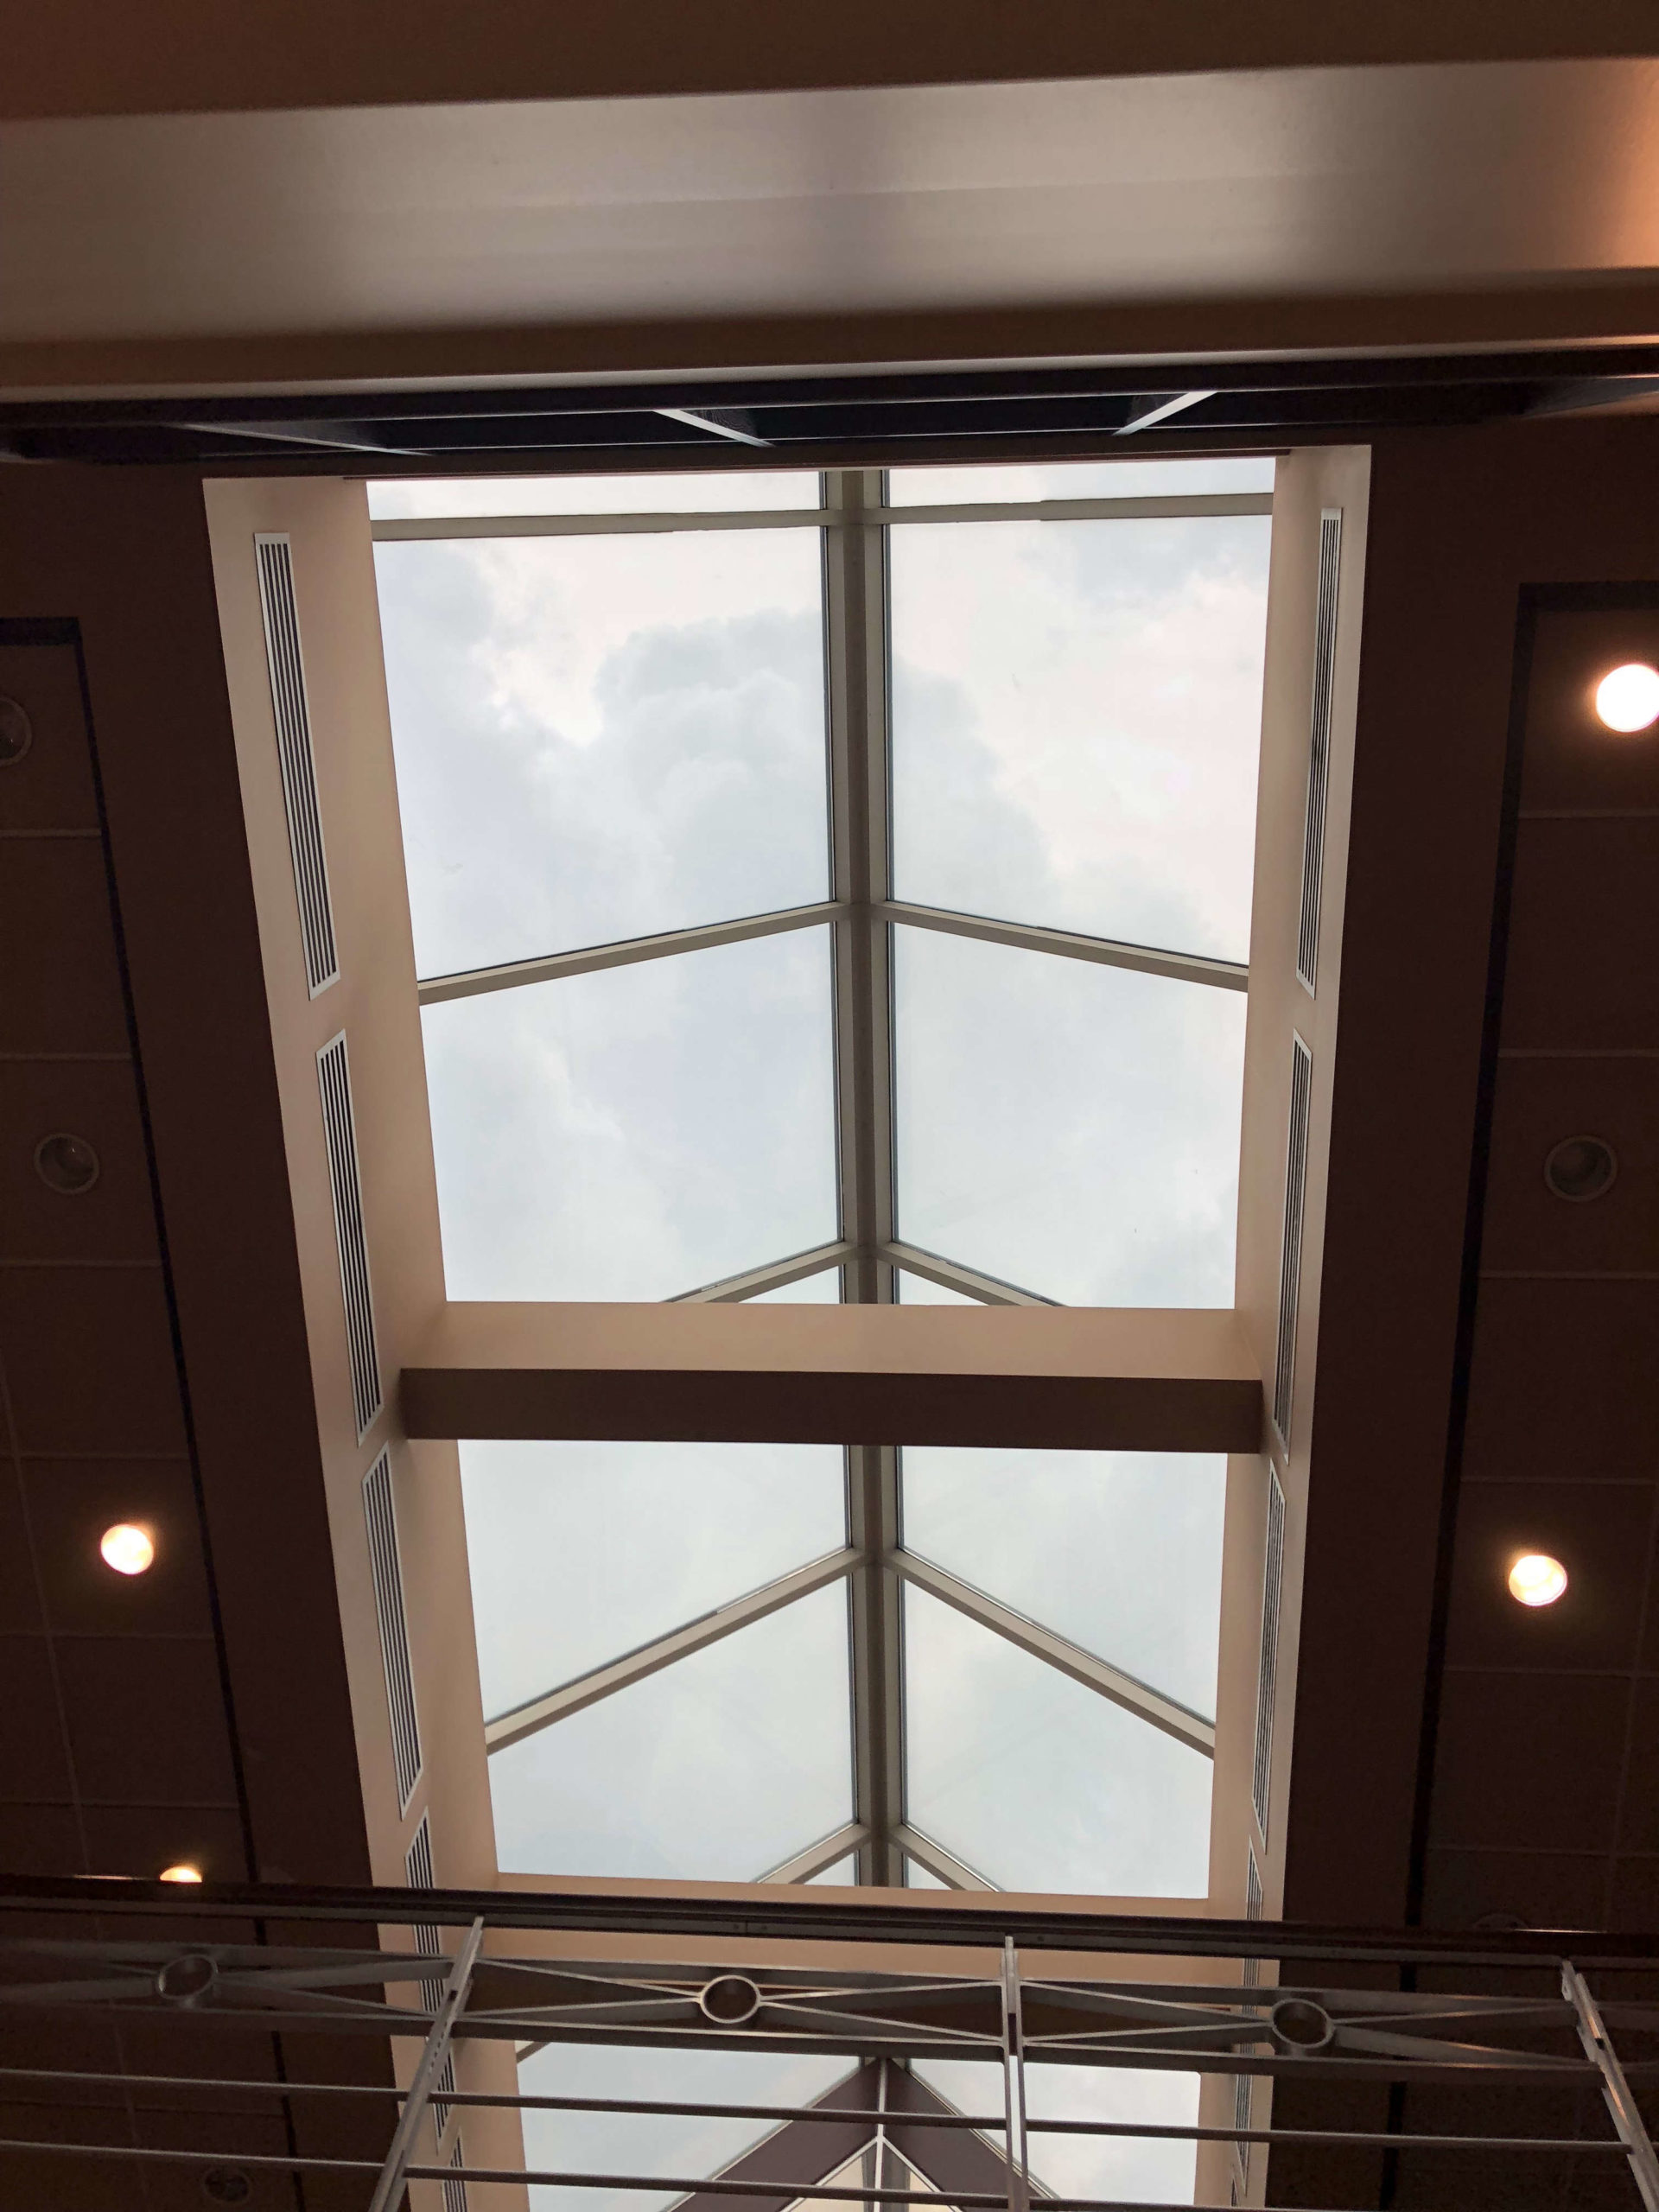 Bureau Commercial Plafond